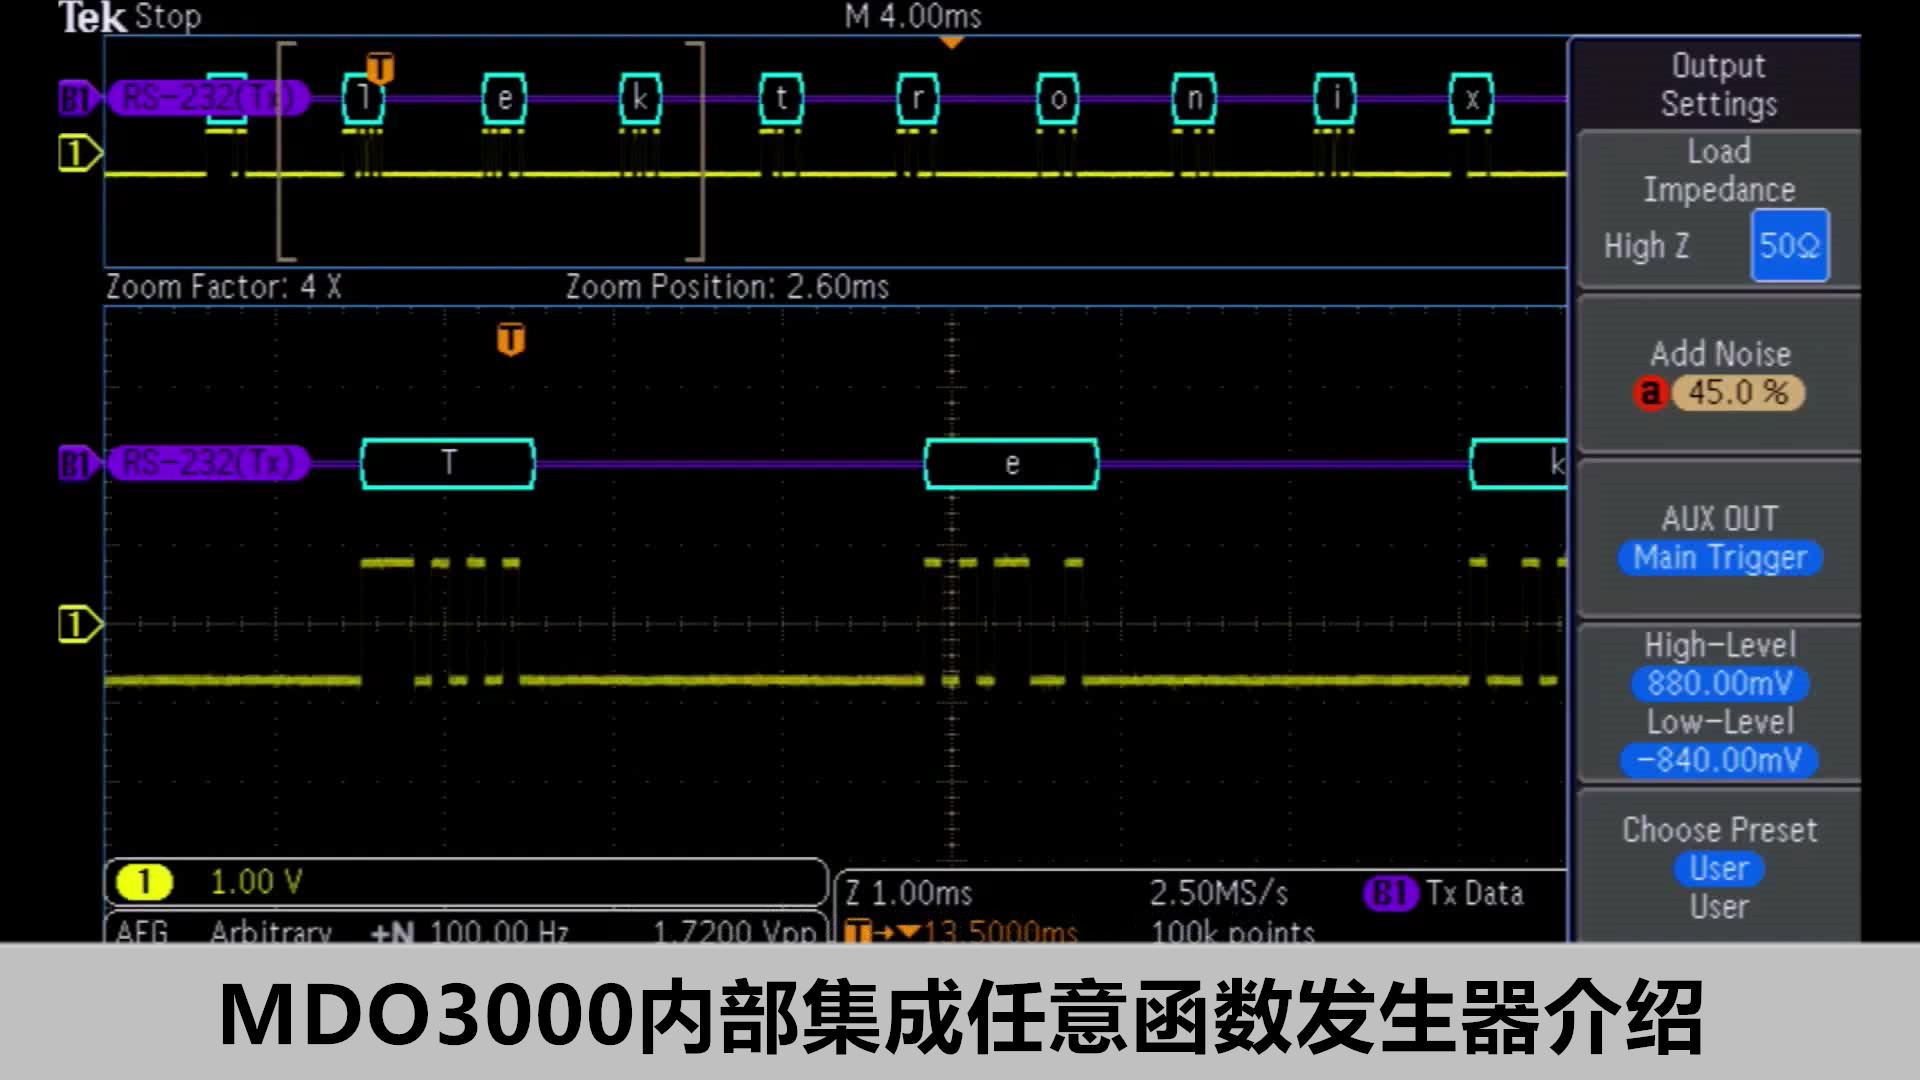 【示波器进阶教程实践篇】MDO3000内部集成任意函数发生器介绍